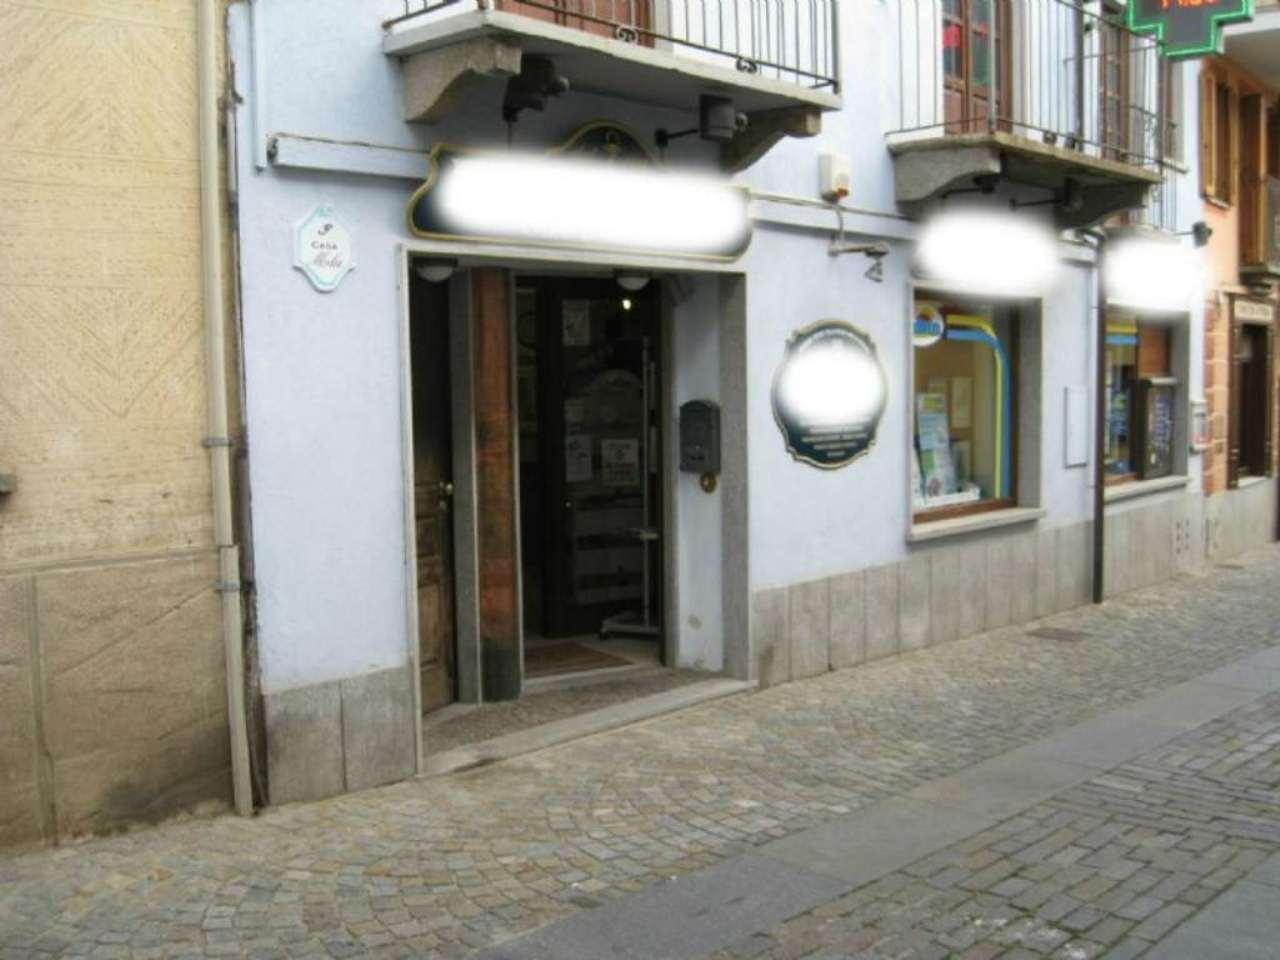 Locale commerciale in Vendita a Villarbasse